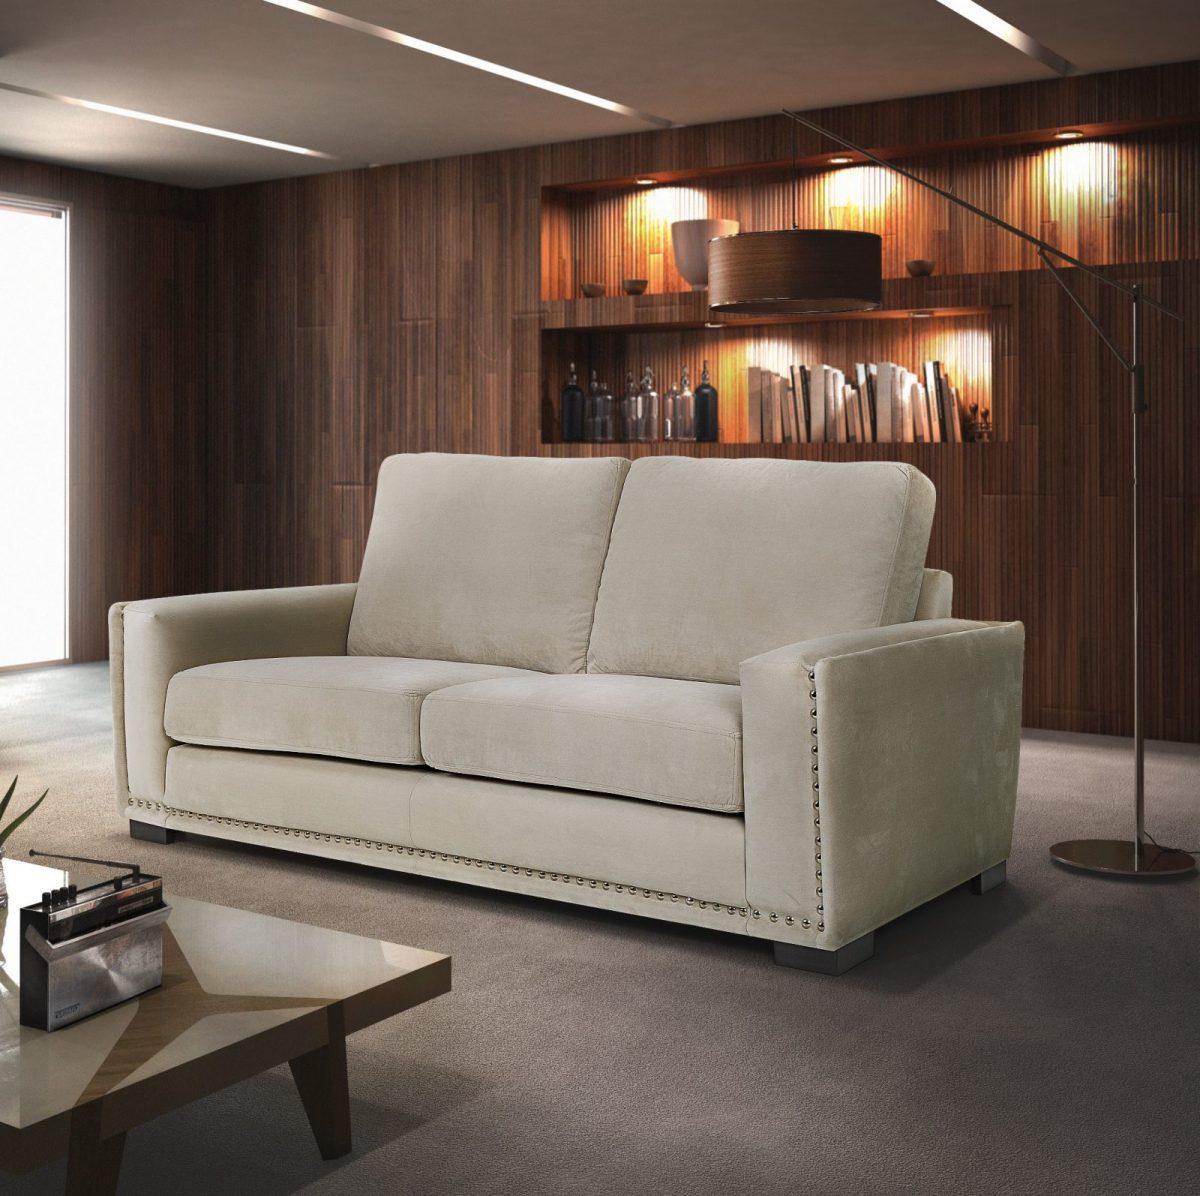 17-sofa-saratoga-1 - Móveis Malheiro